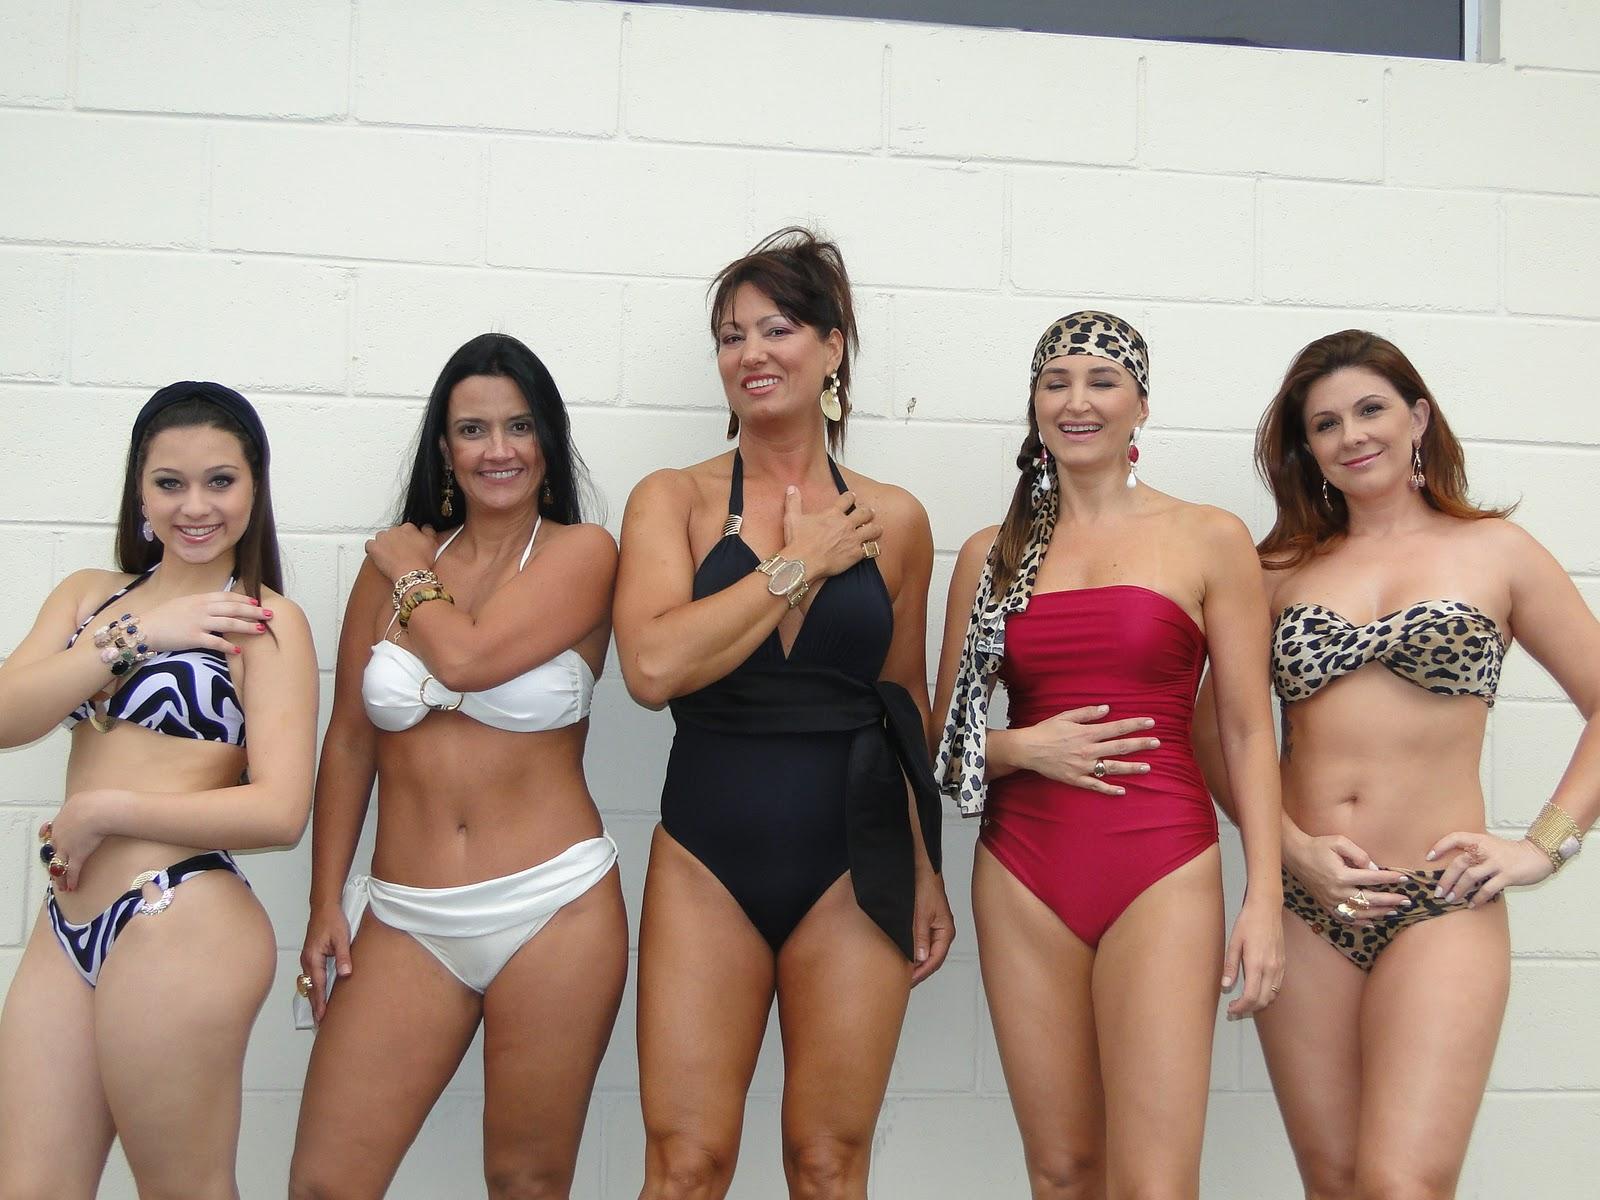 Cristy mendivil nude Nude Photos 82